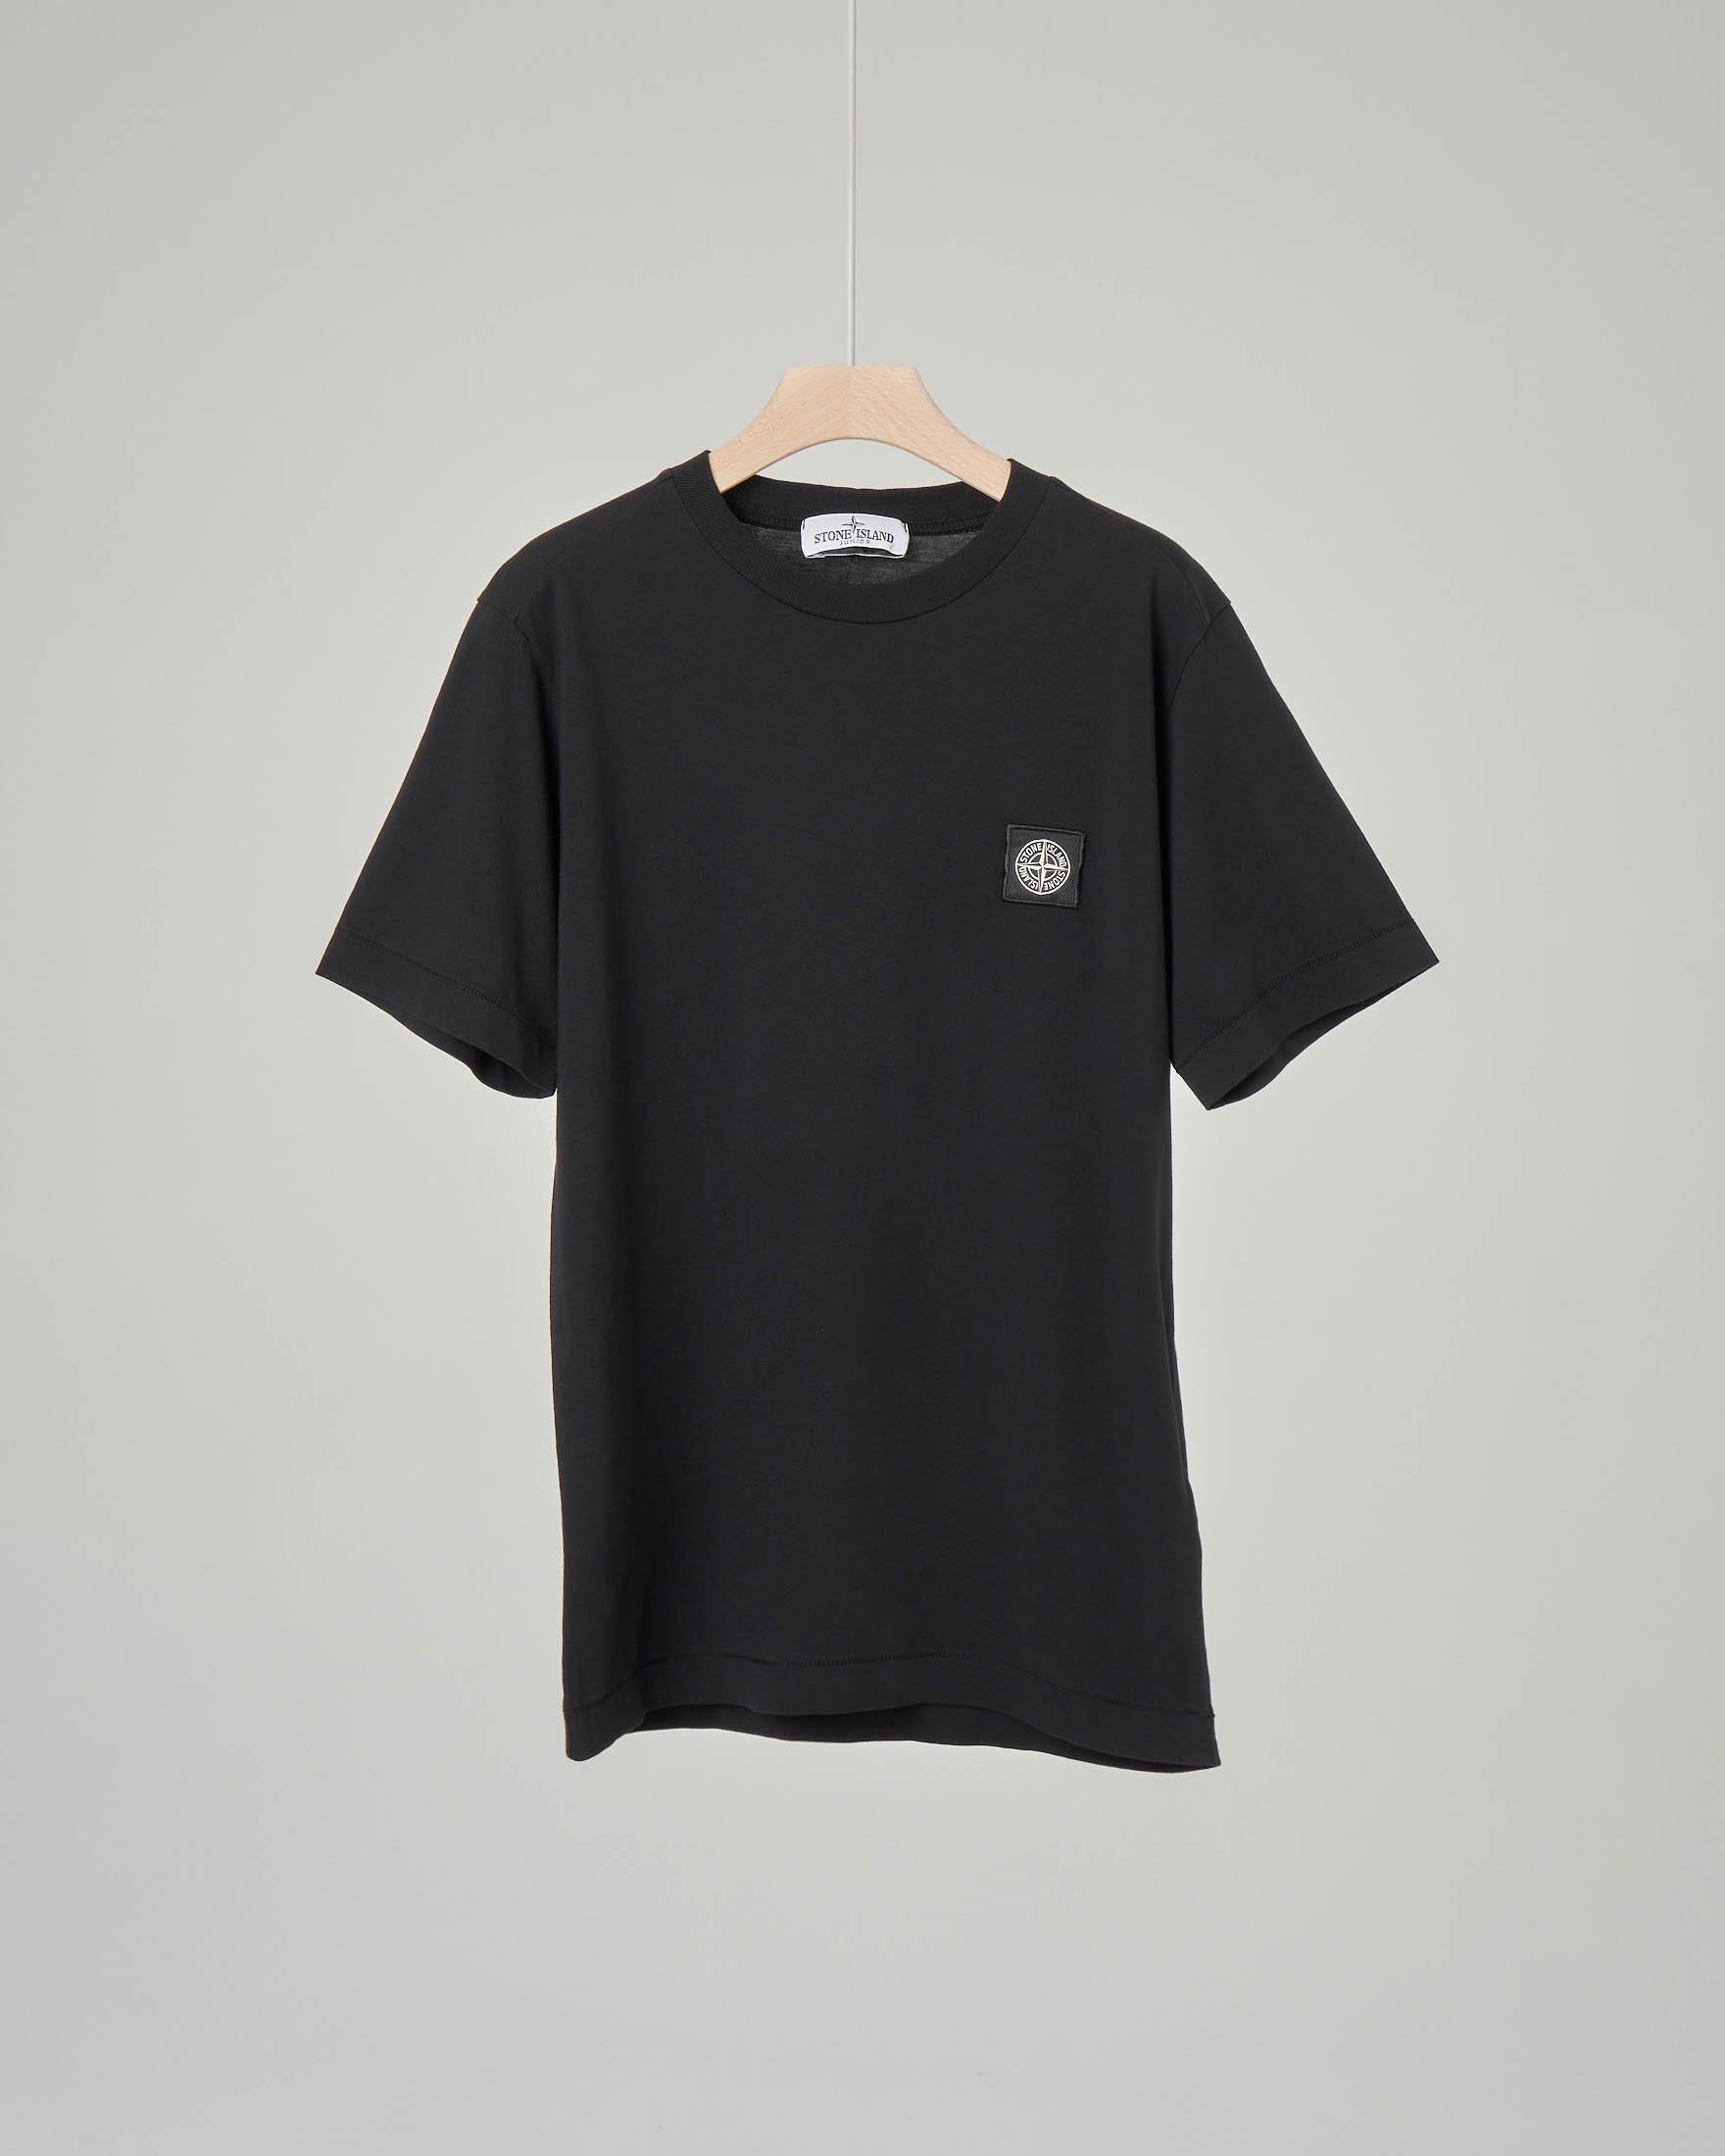 T-shirt nera mezza manica con logo 10-14 anni